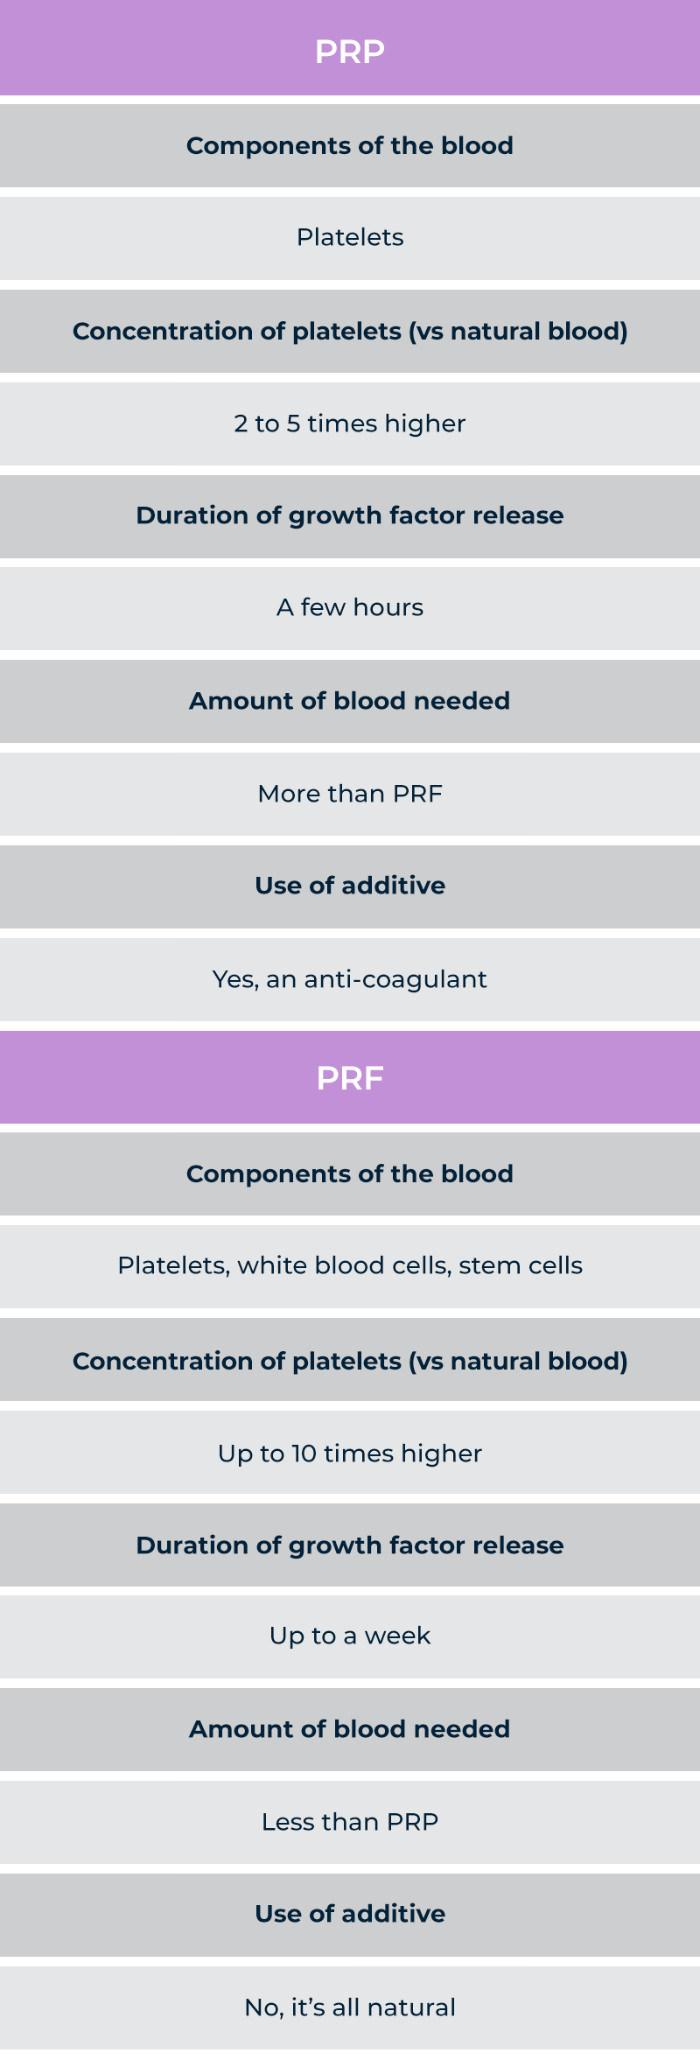 PRP vs PRF Comparison table